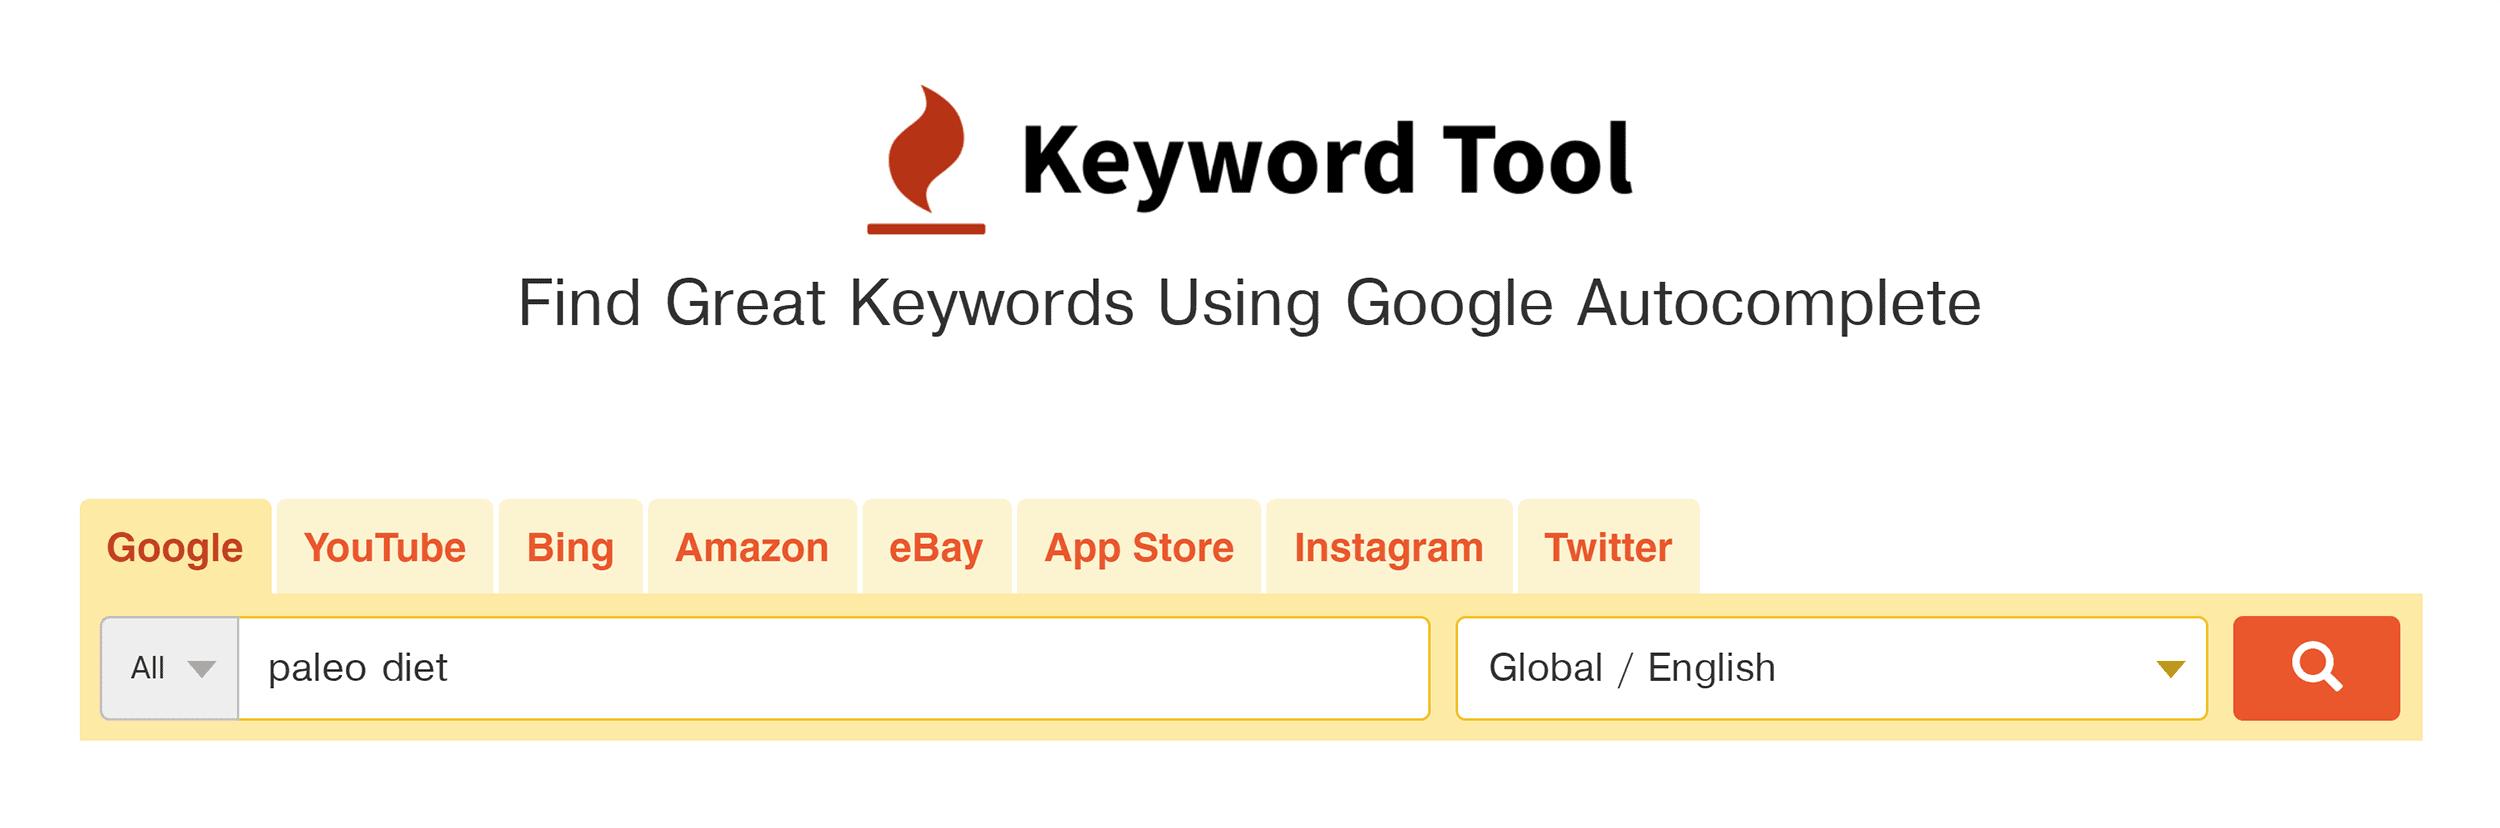 KeywordTool – Search